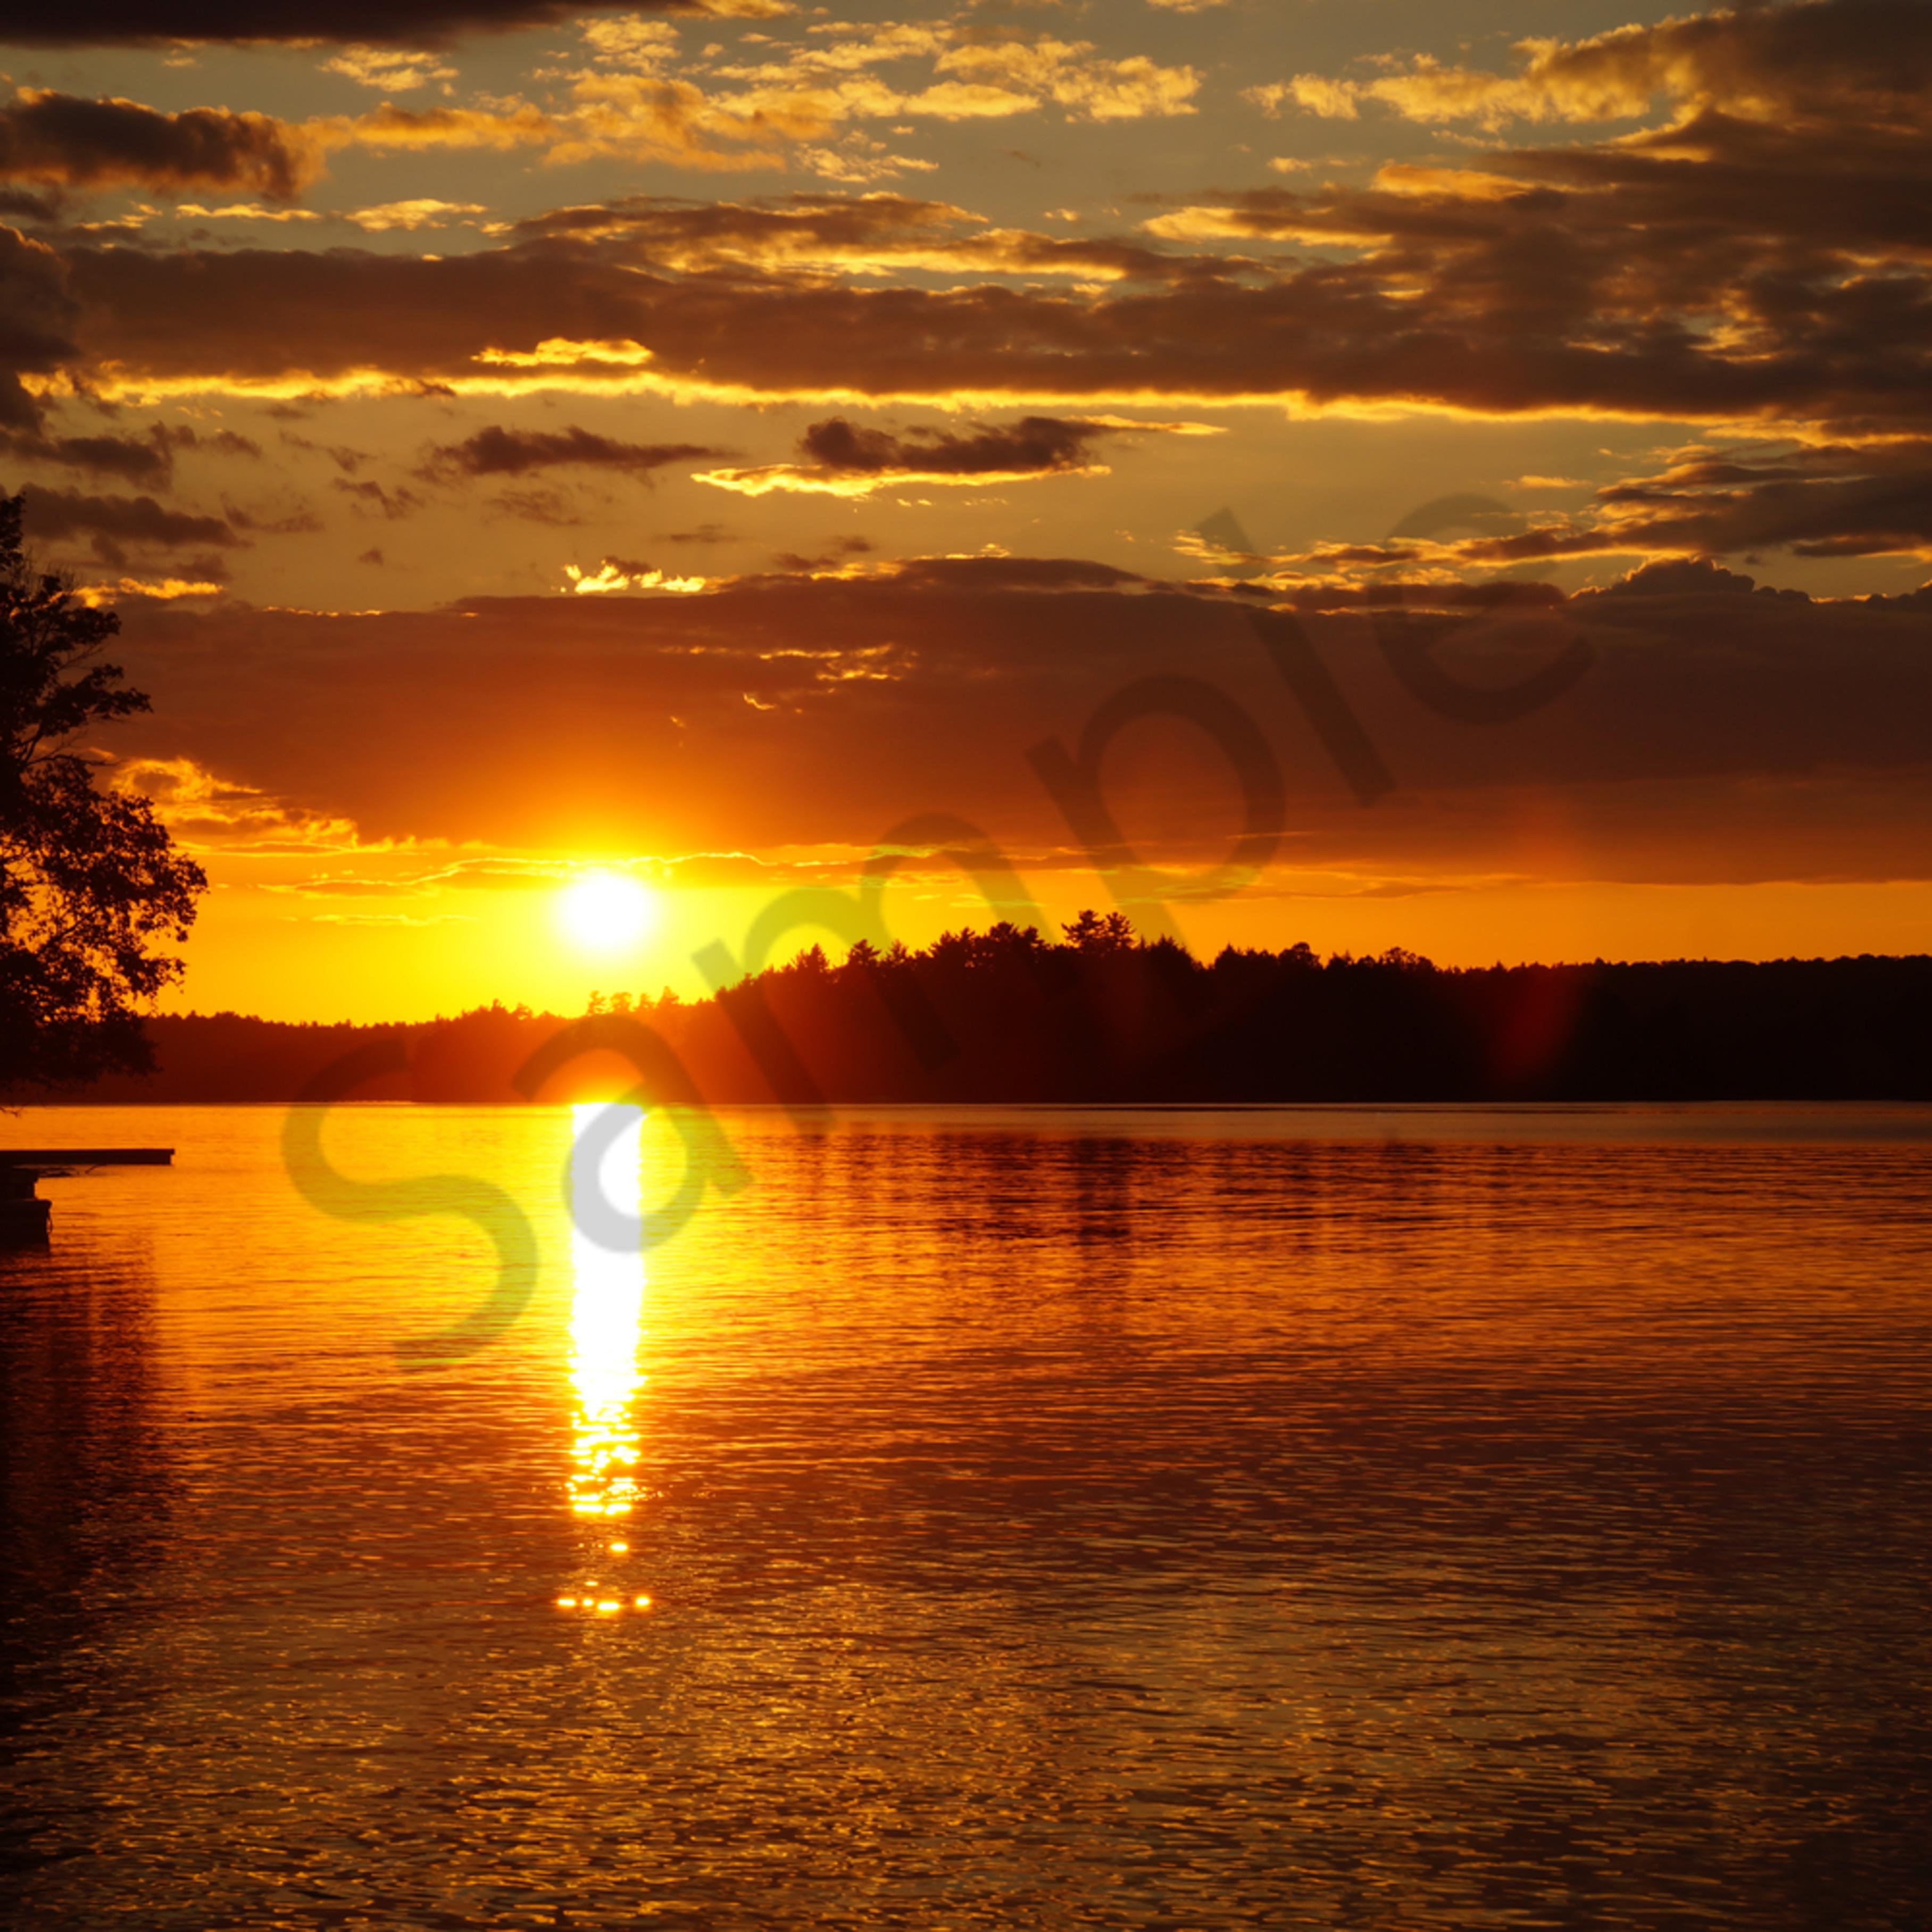 Cottage sunset xlxynp